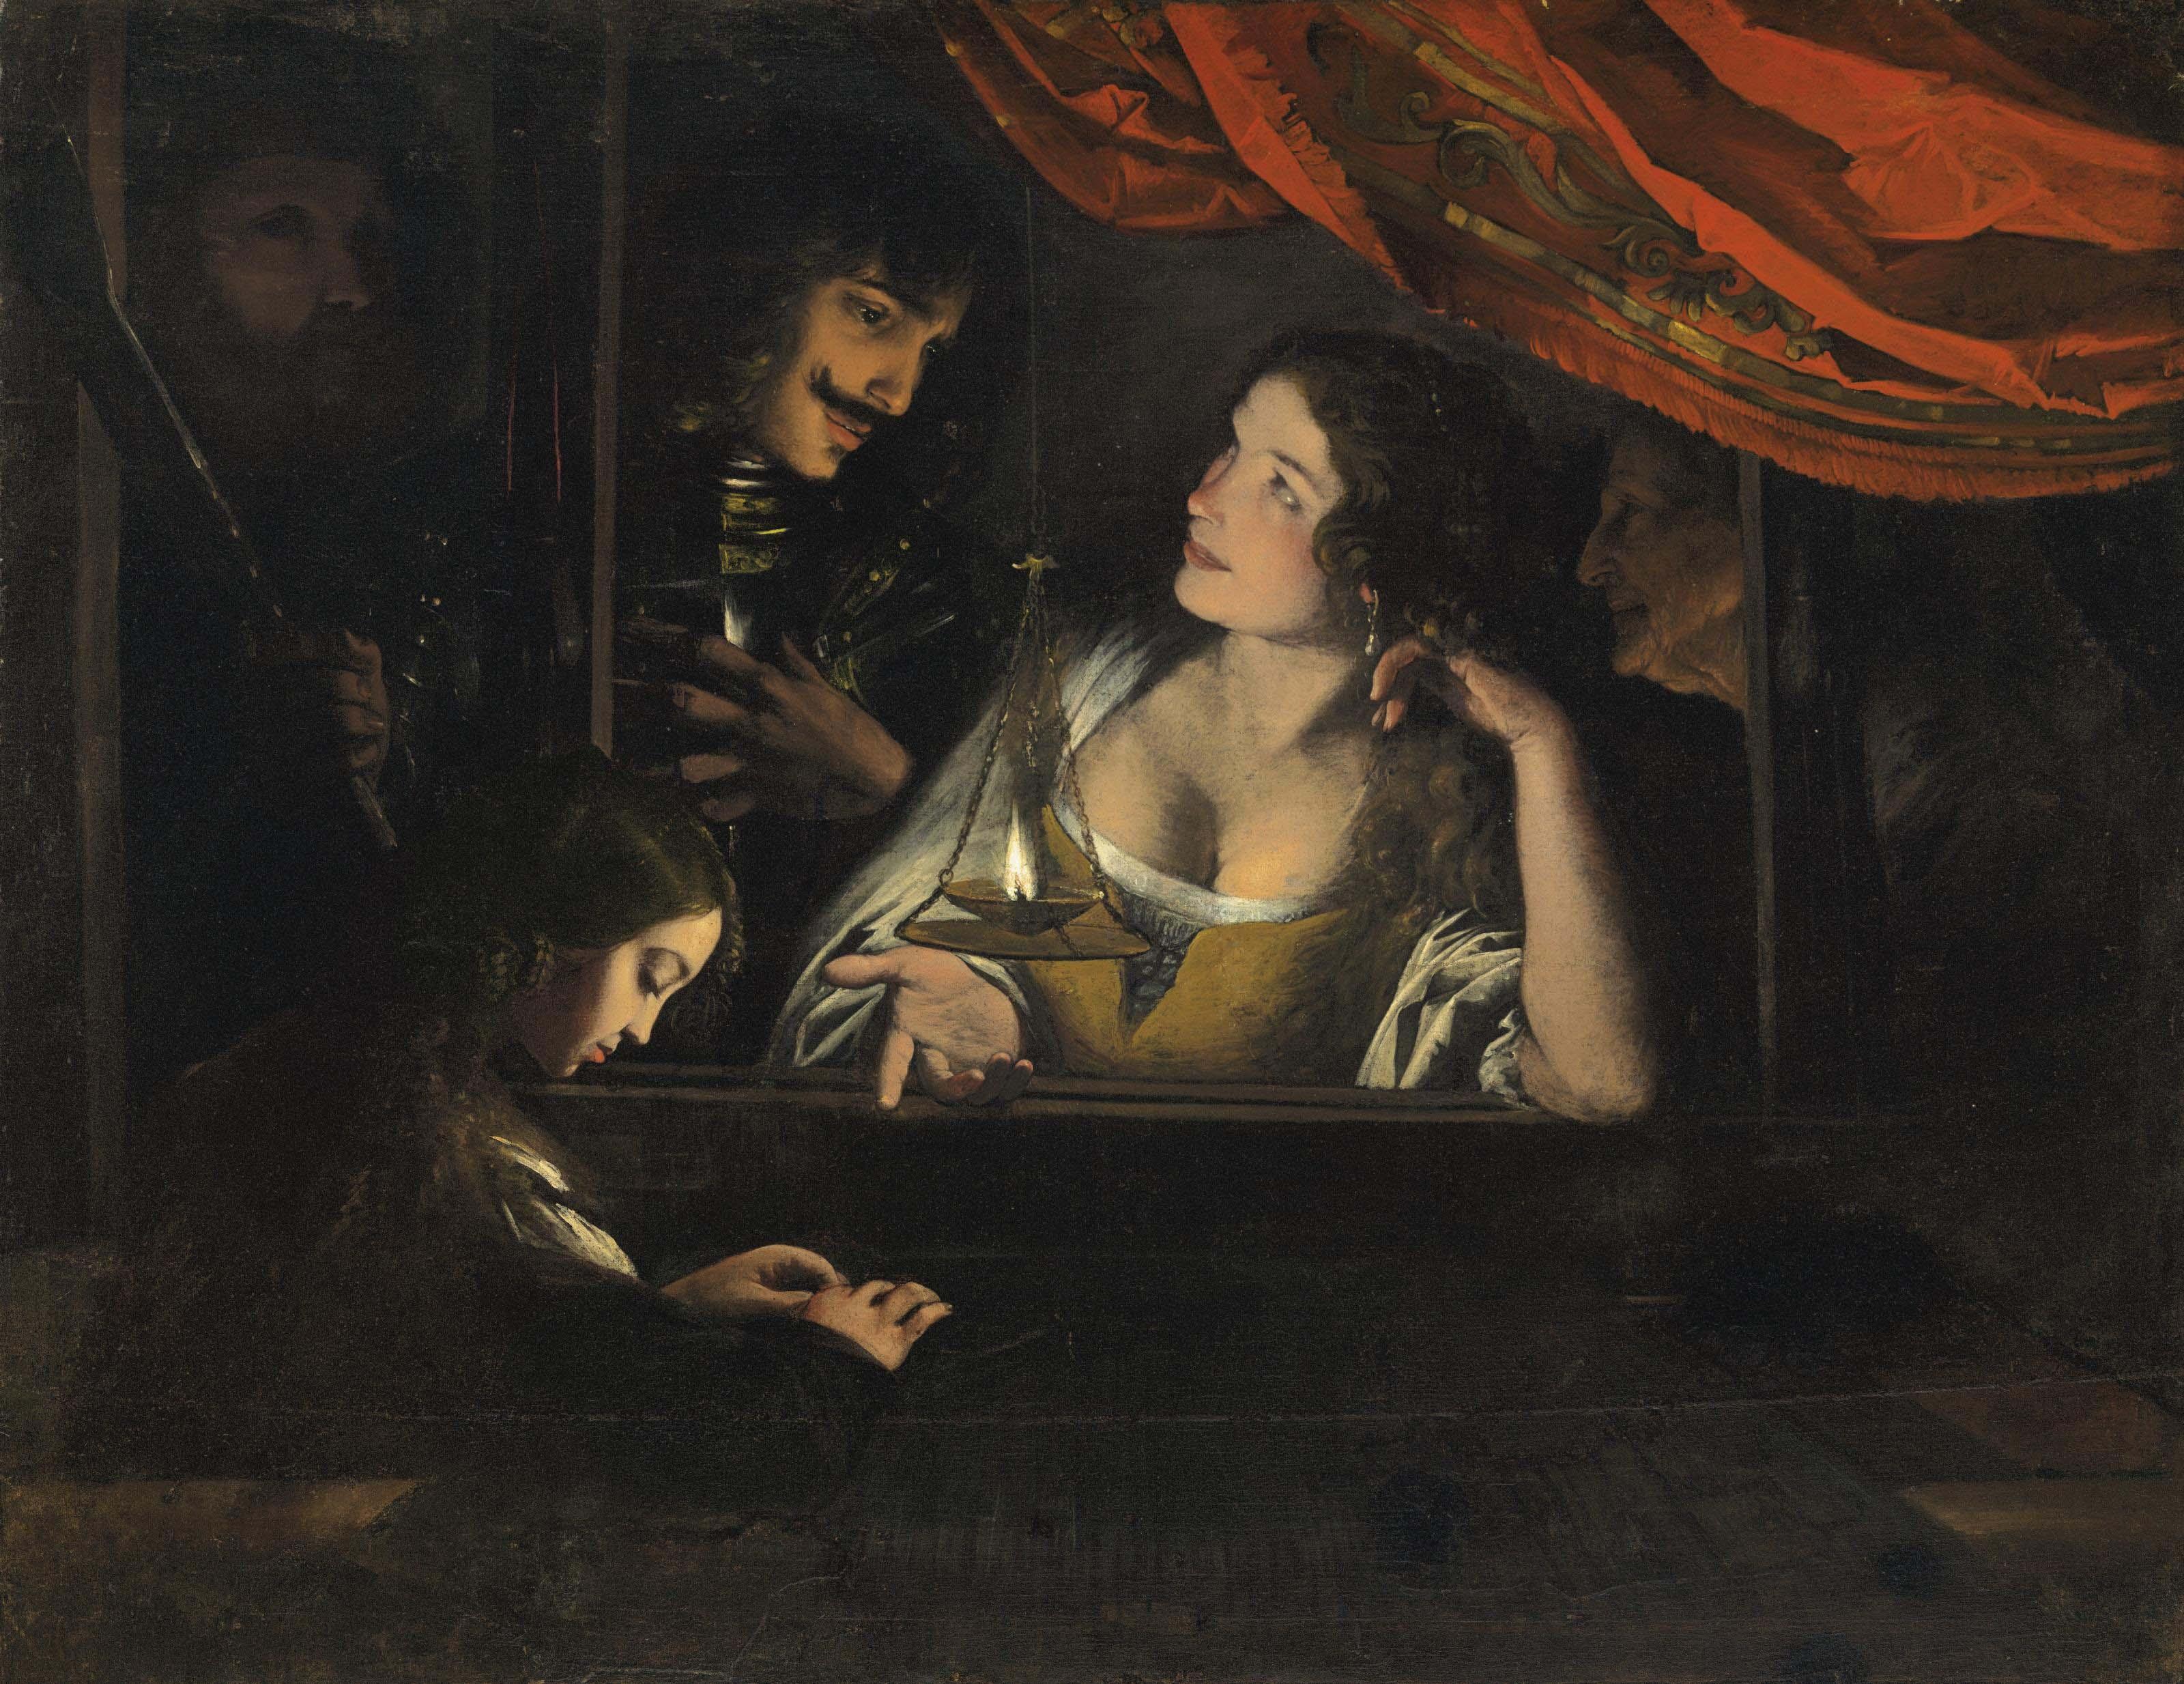 Figures in an interior around a lantern